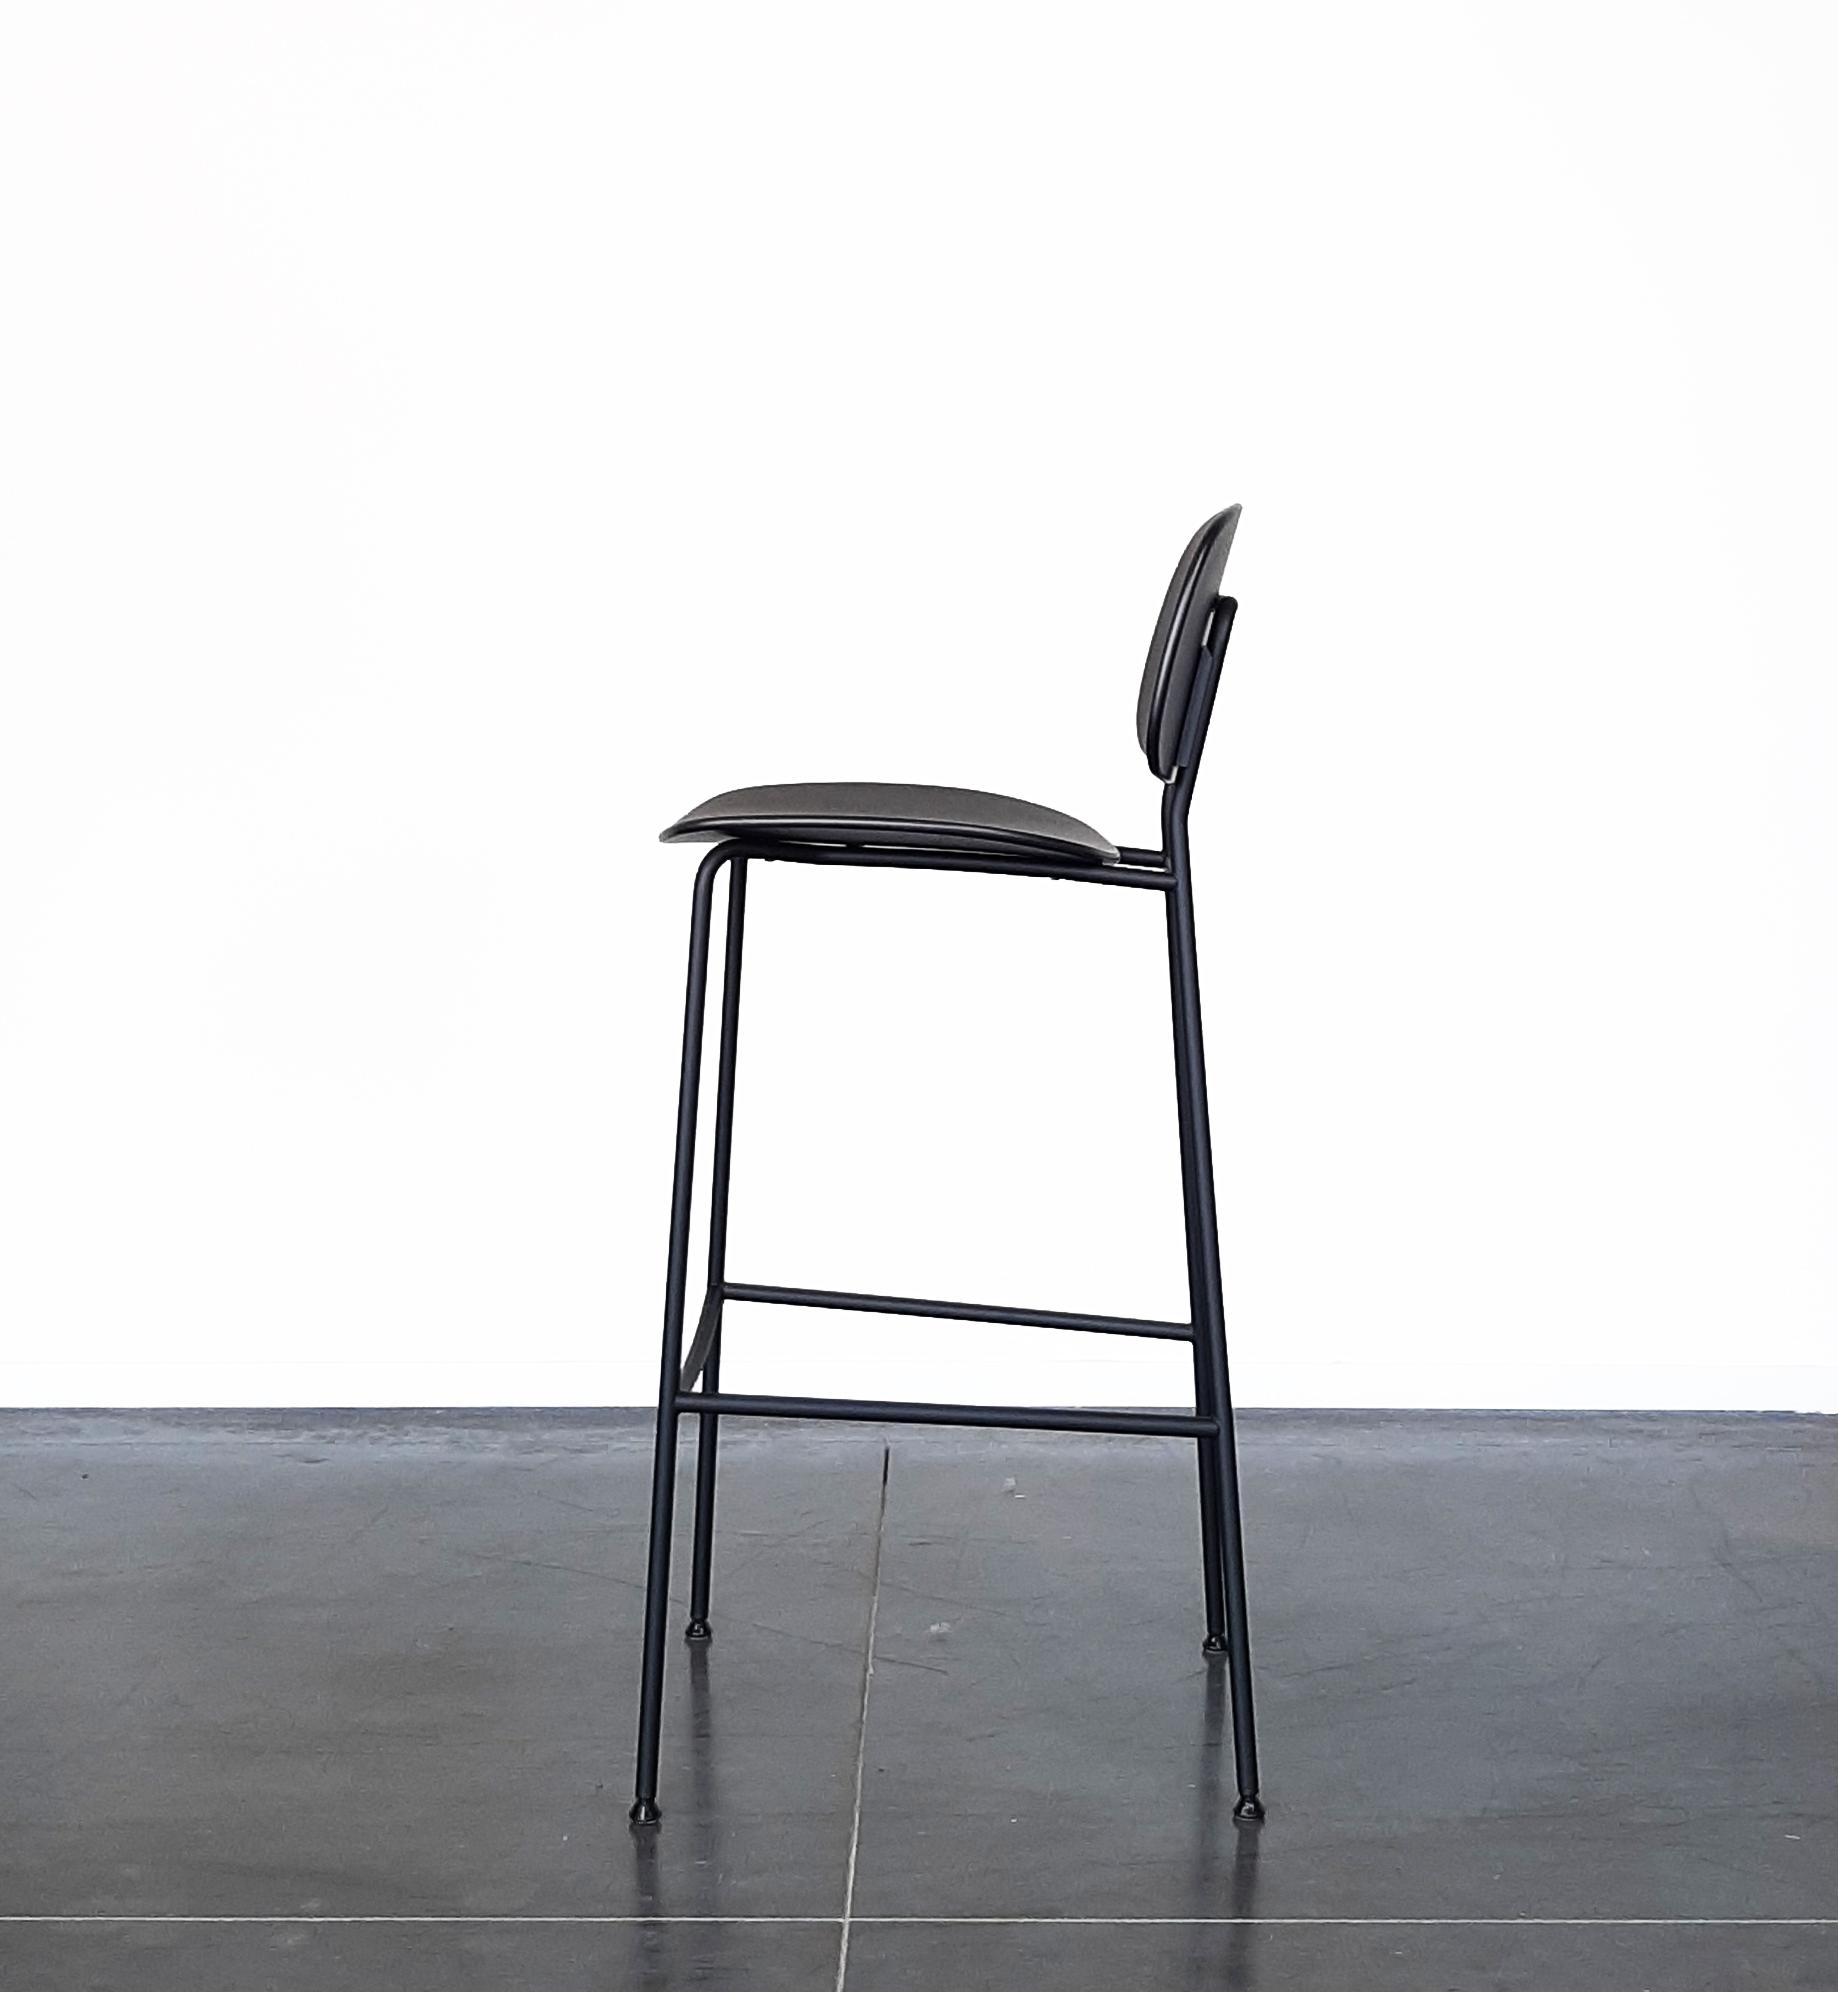 8 Zwarte Design Stoelen.Juno Krukken Van Evolution Design Krukken In Hout En Staal